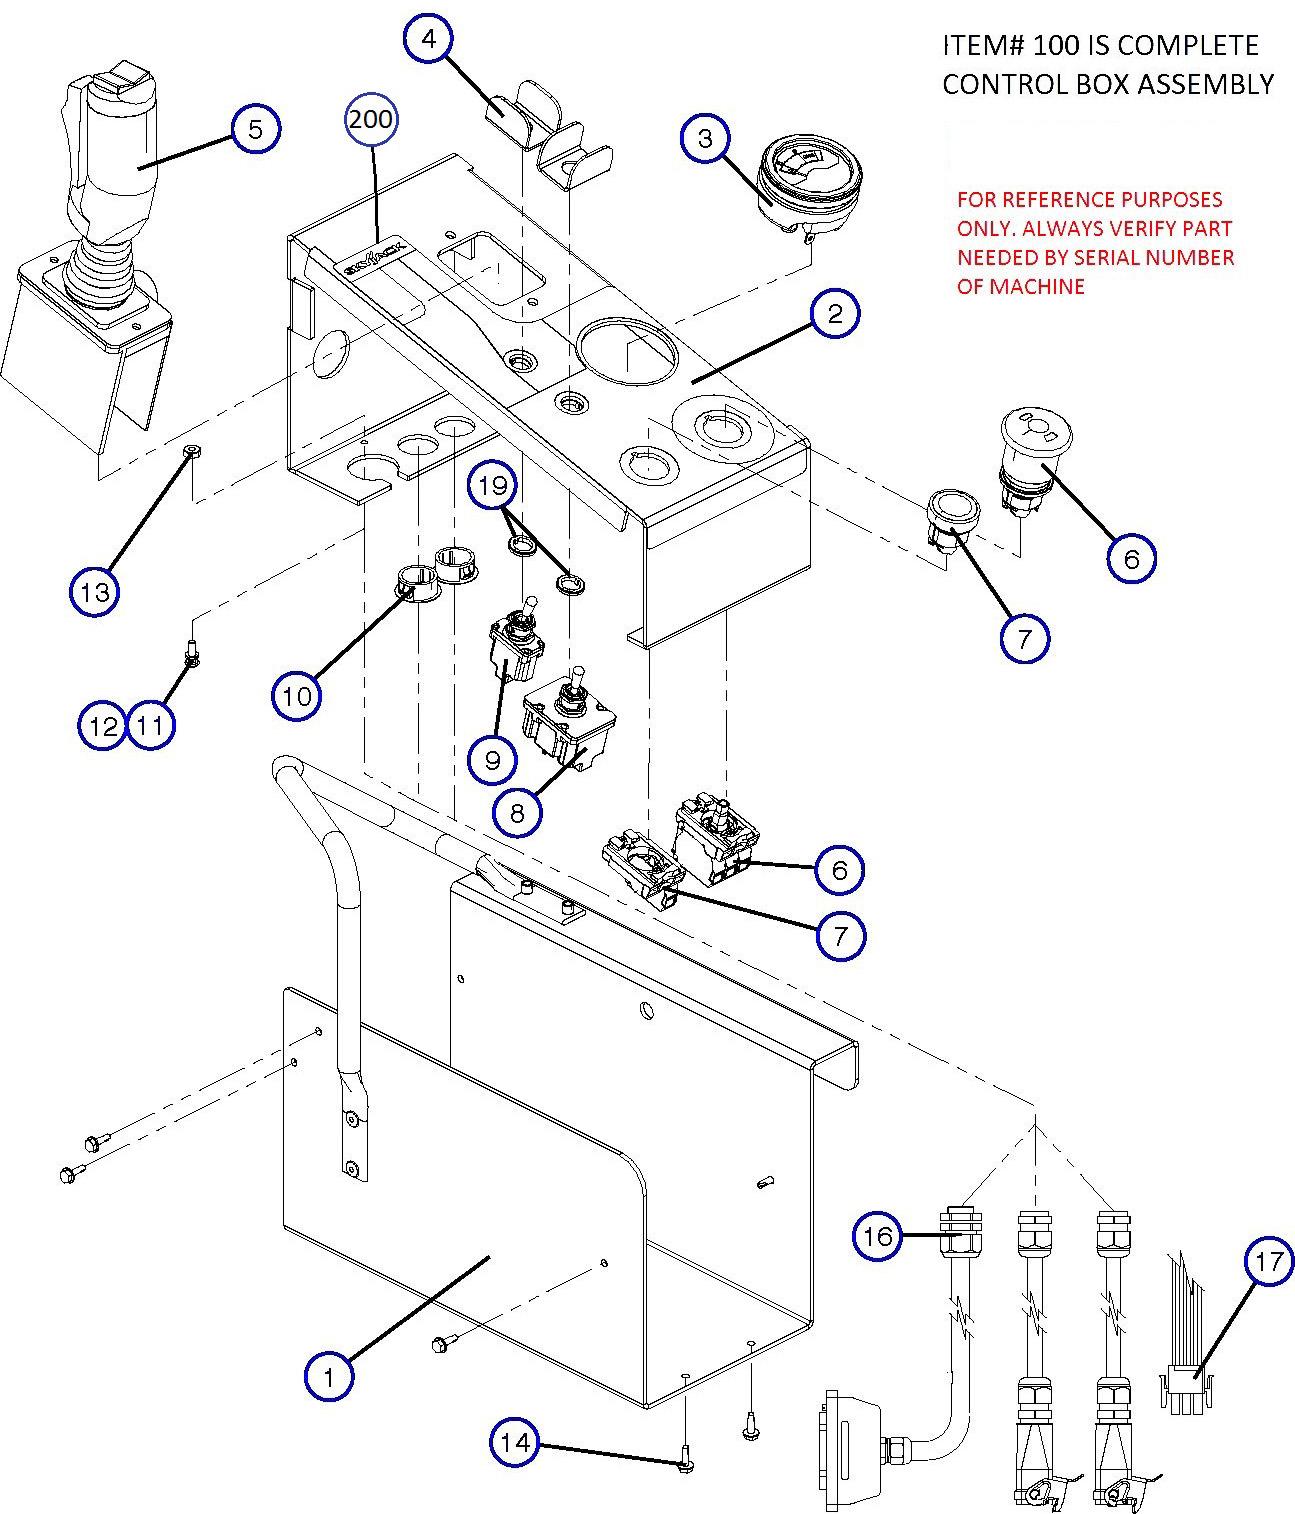 GR_5678] Skyjack Scissor Lift Wiring Diagram On Jd Harley Wiring Diagram  Wiring DiagramNedly Exxlu Icand Garna Phae Mohammedshrine Librar Wiring 101